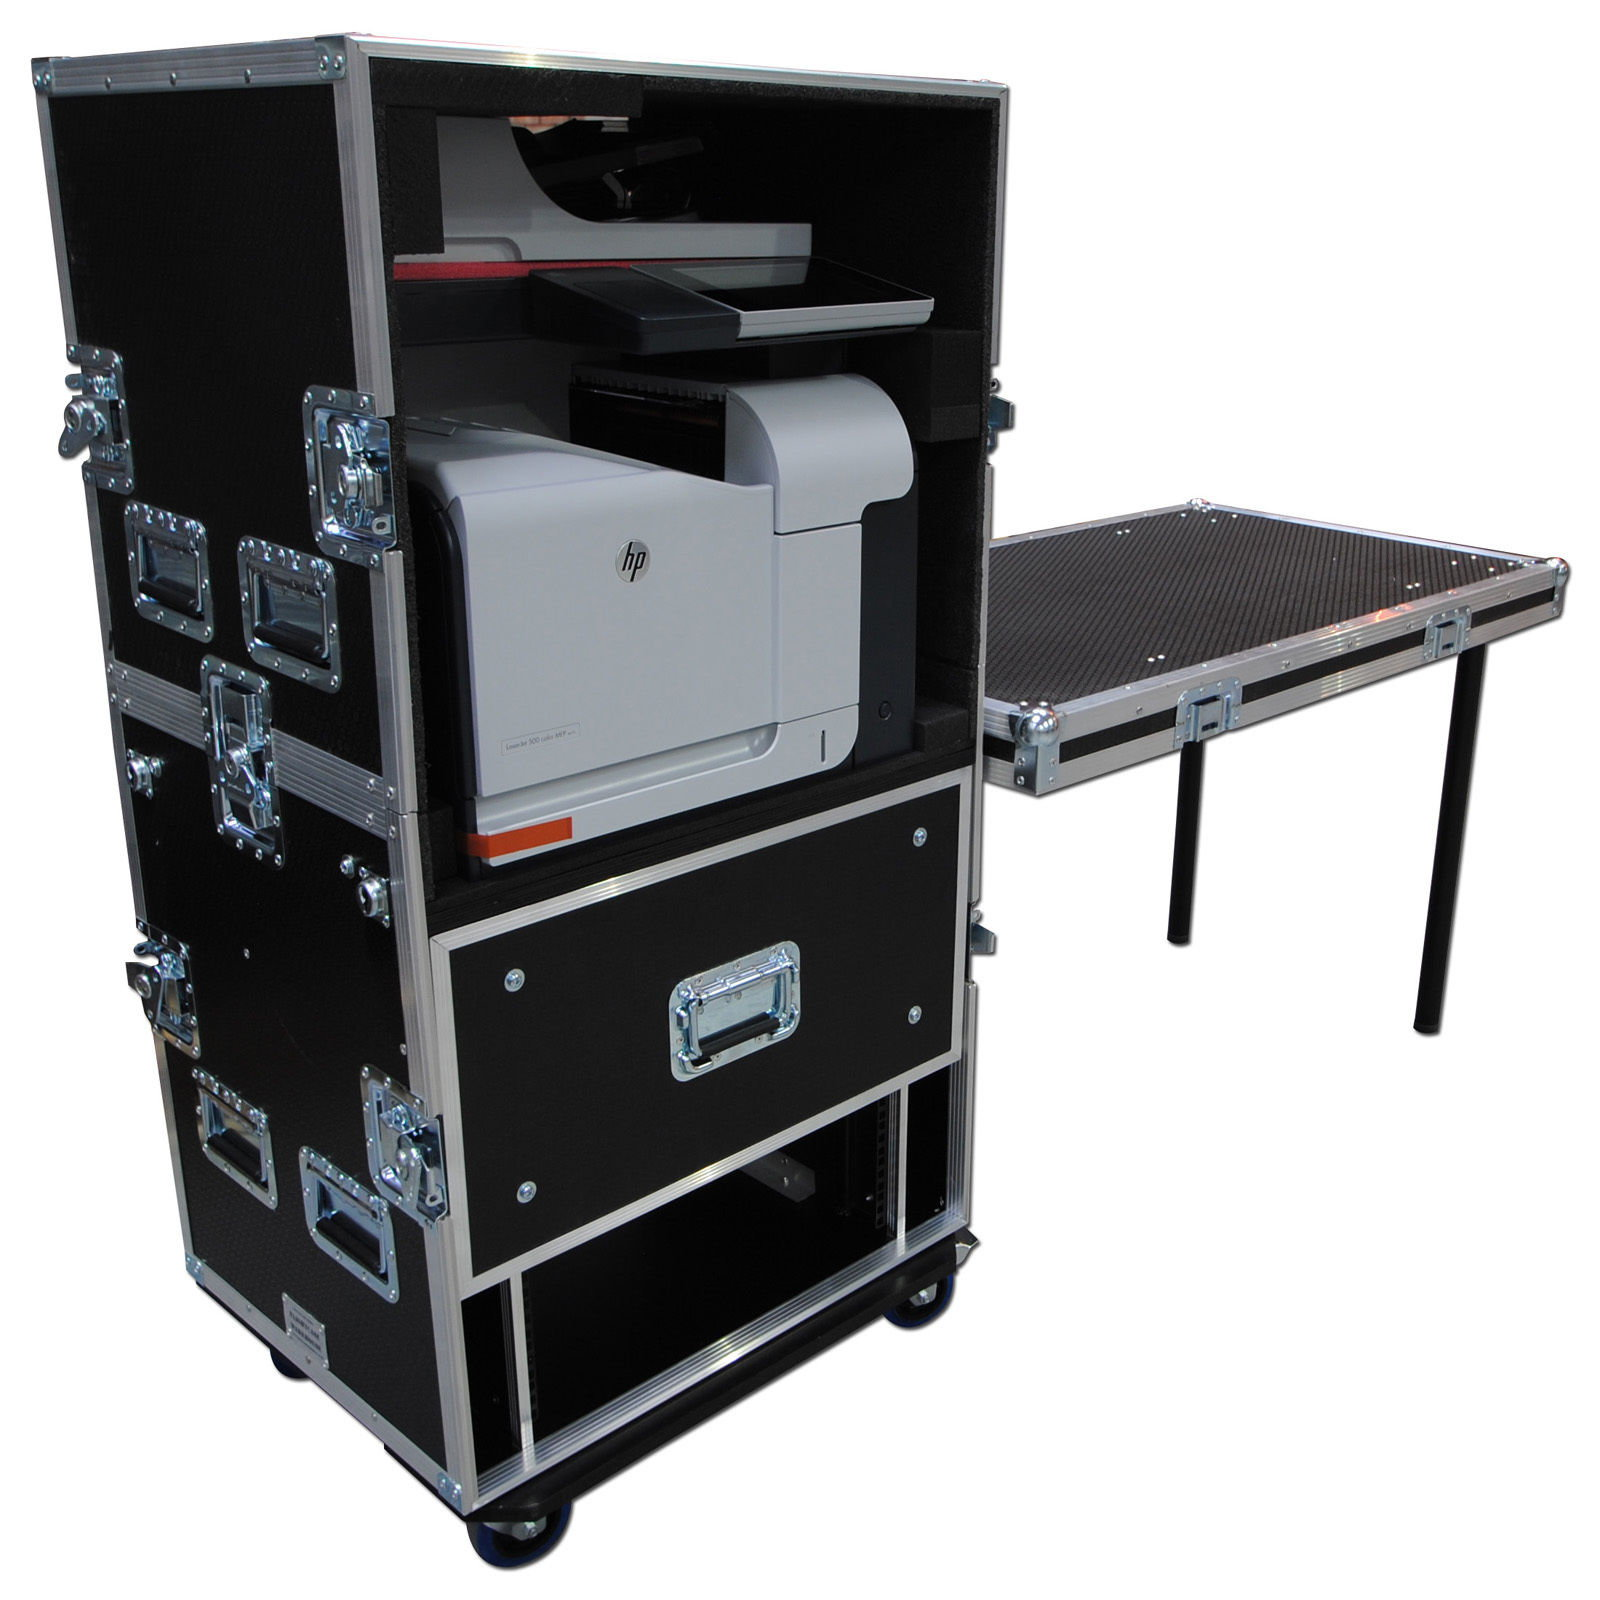 printer workstation flightcase. Black Bedroom Furniture Sets. Home Design Ideas